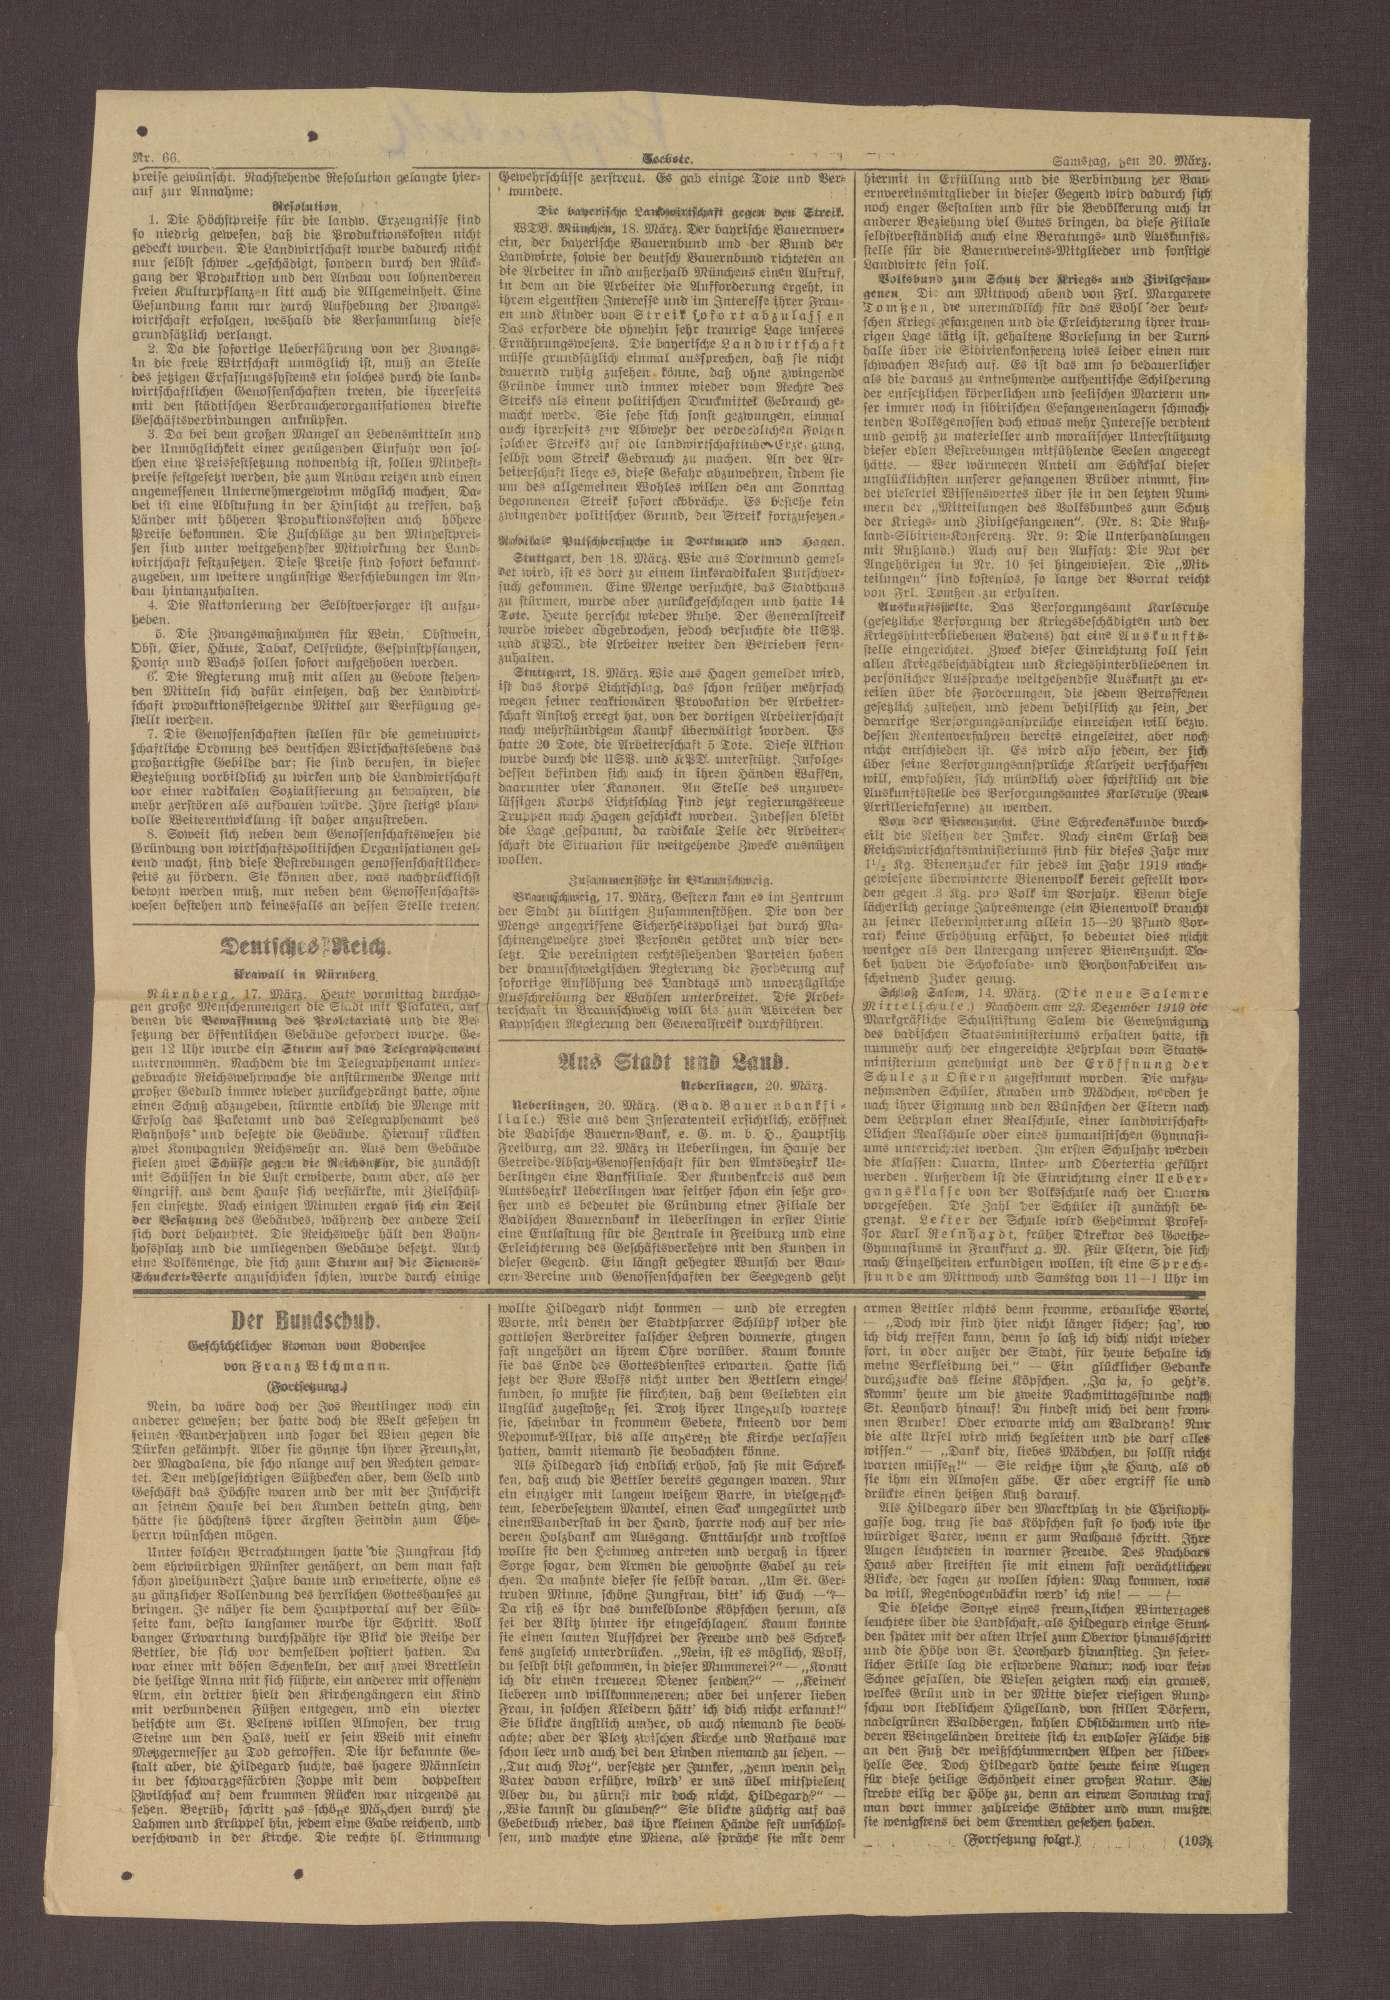 Ausgabe des Seebote mit einer Einschätzung von Prinz Max von Baden zur politischen Lage, Teil I., Bild 2